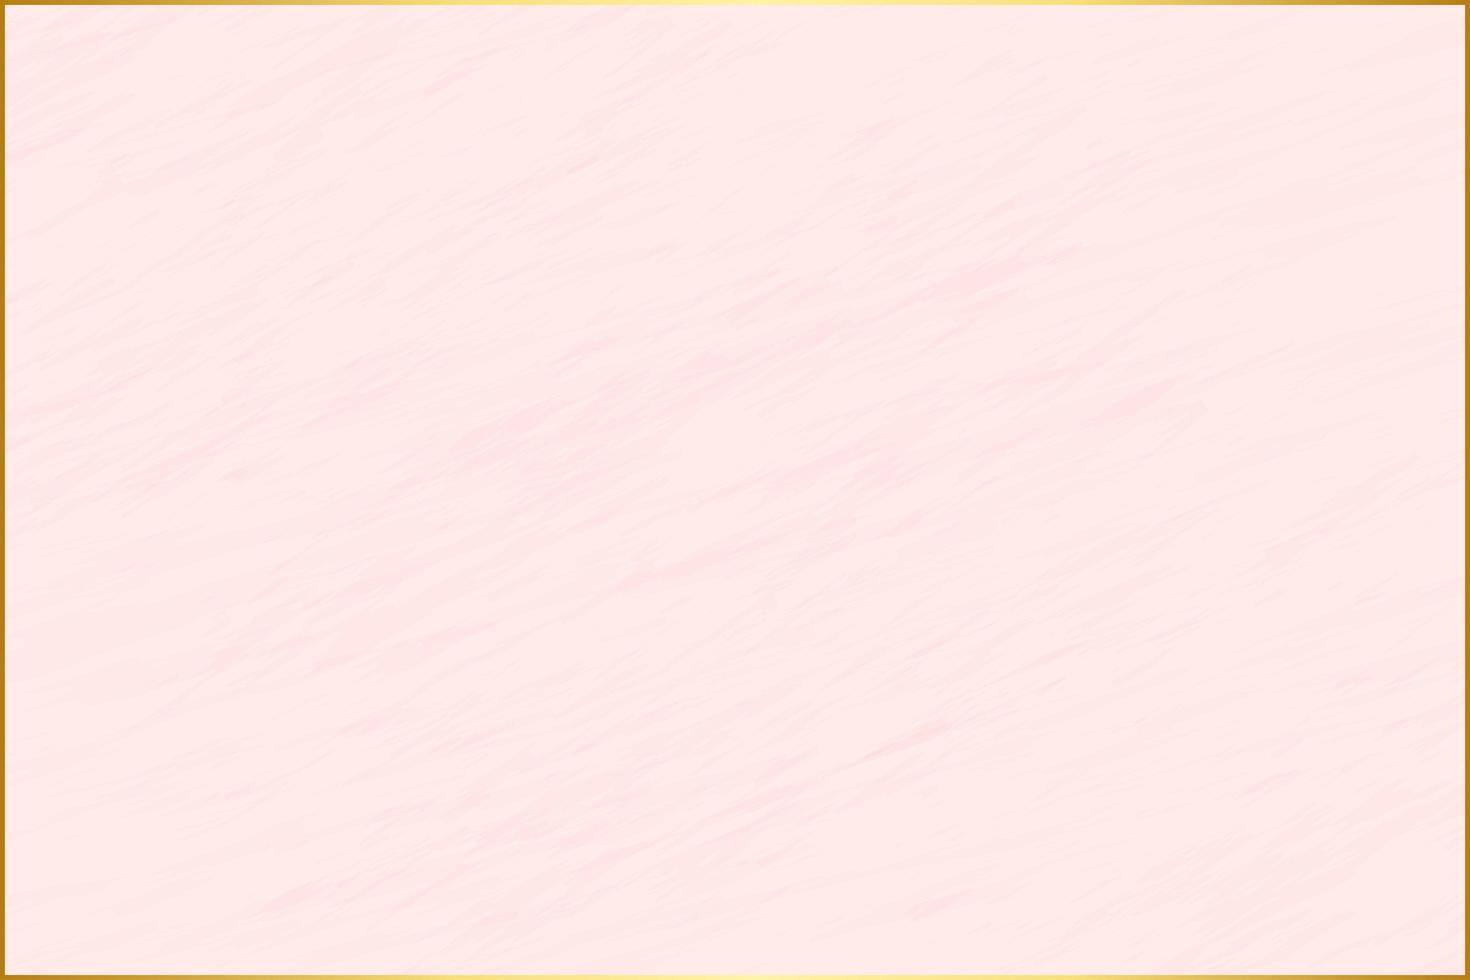 fond texturé rose de luxe avec cadre doré vecteur